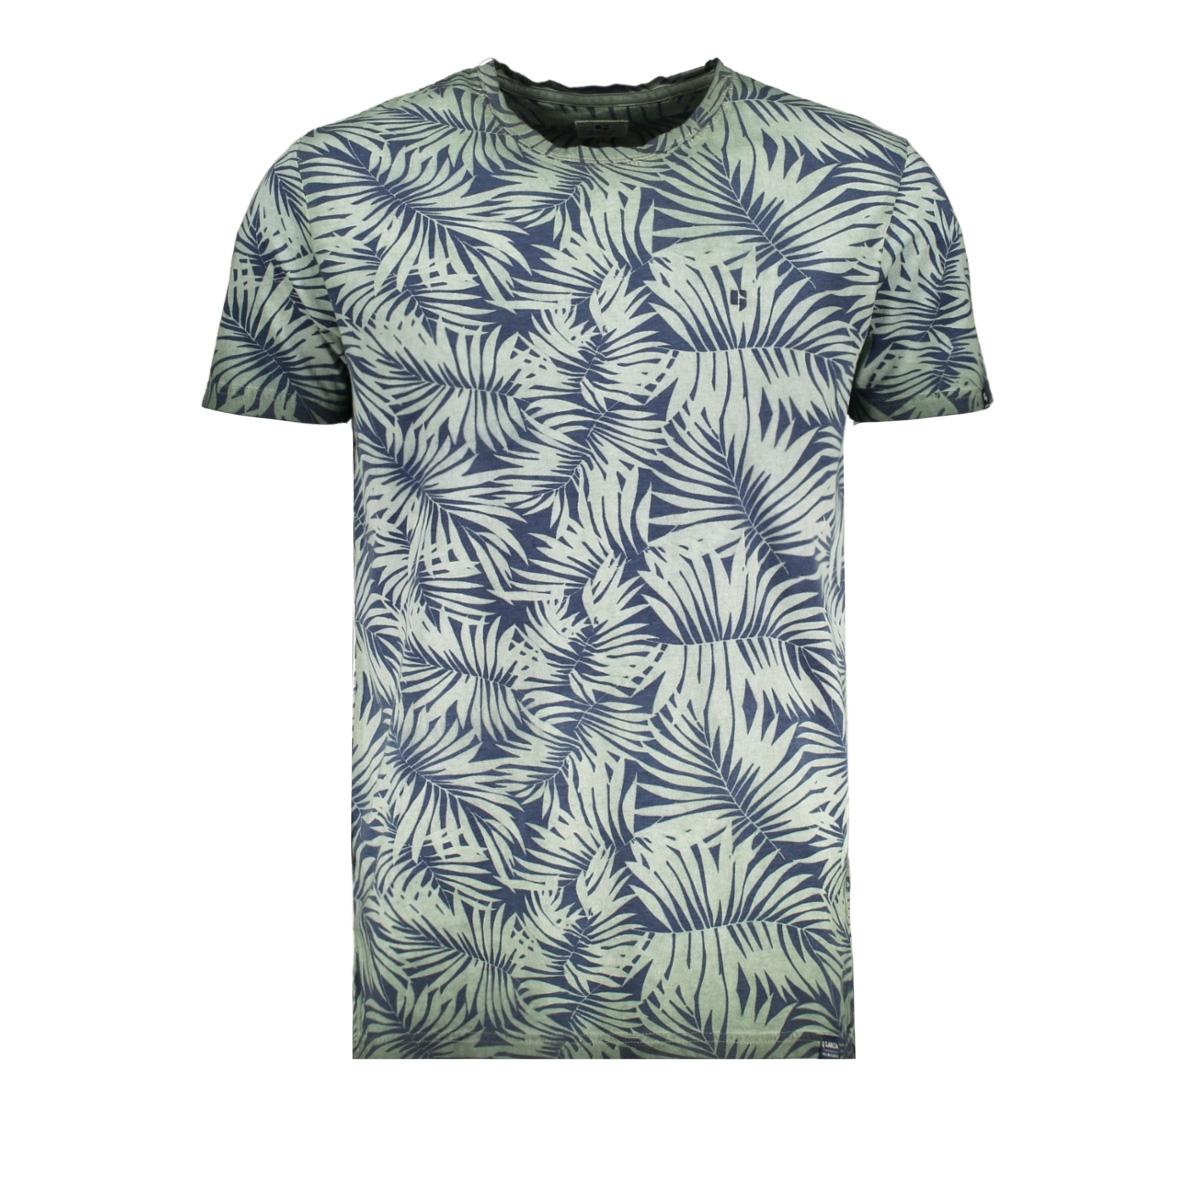 b91207 garcia t-shirt 2832 pine tree